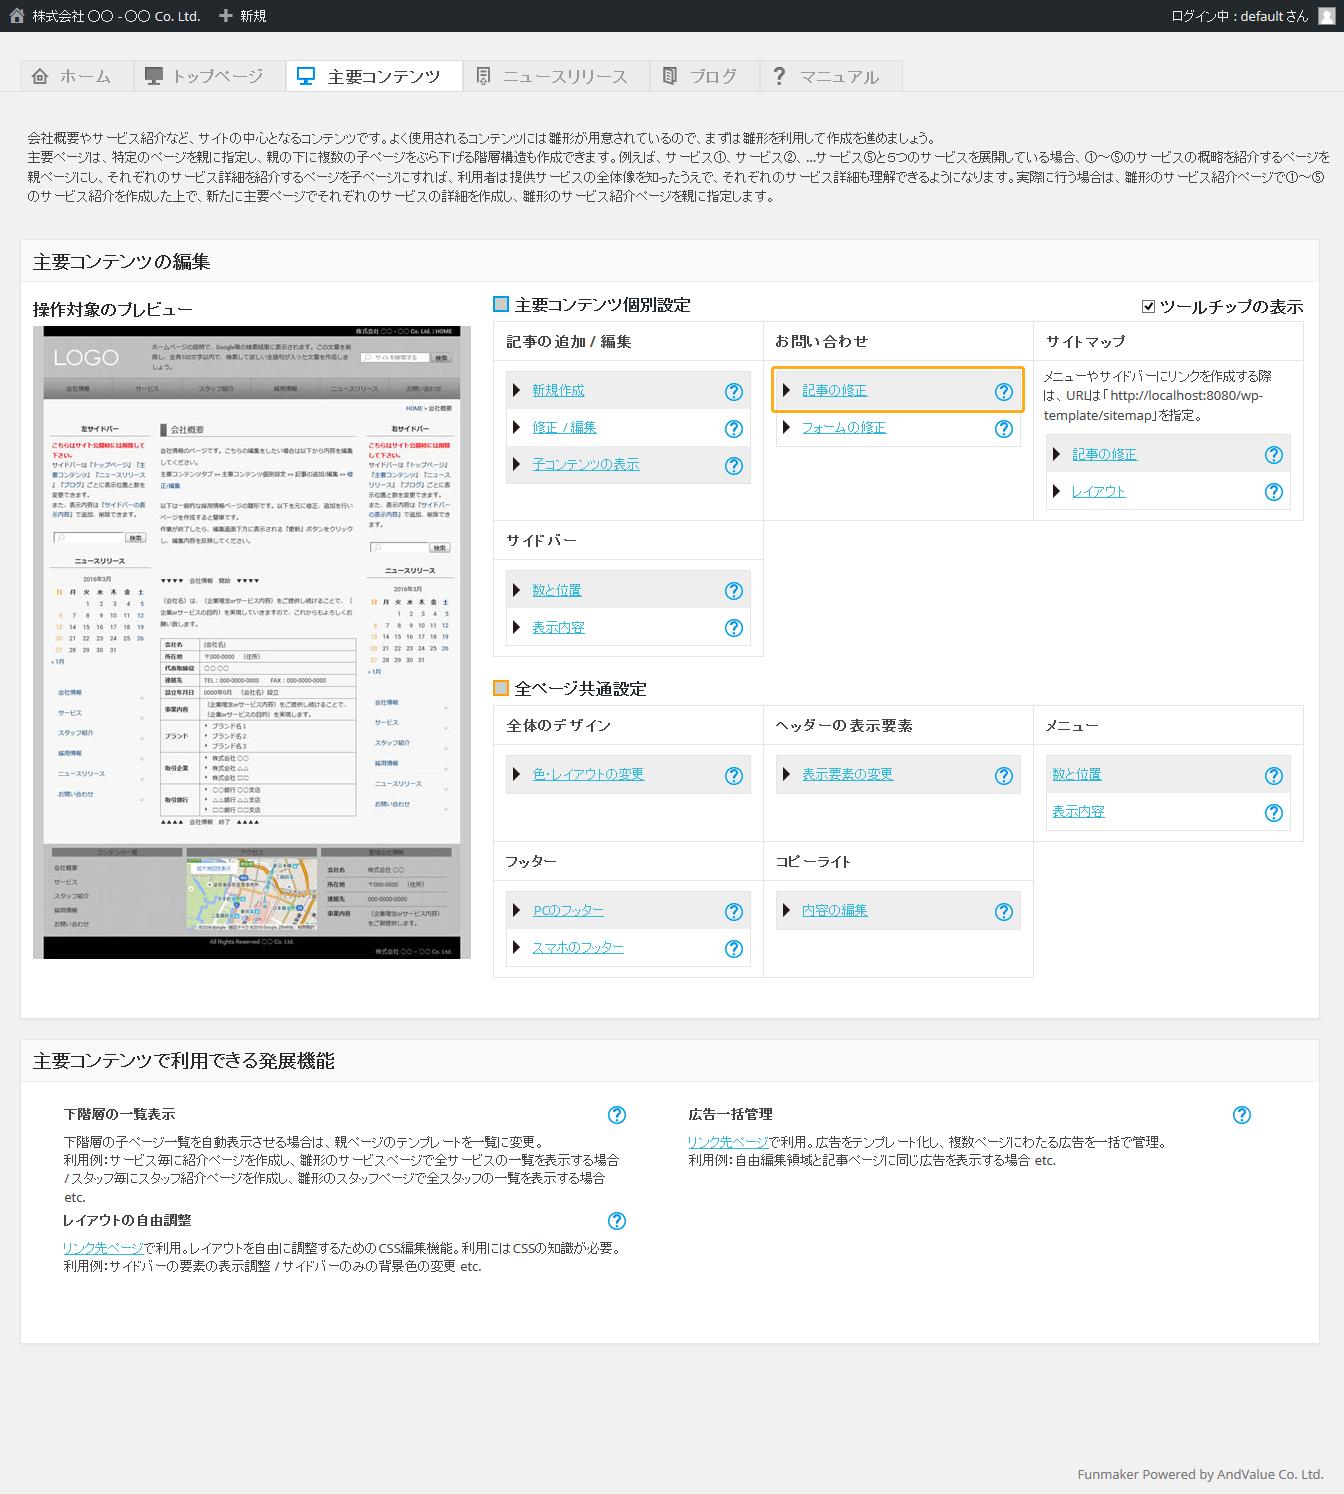 お問い合わせ記事の編集 - 簡単格安ホームページ作成会社 -FunMaker